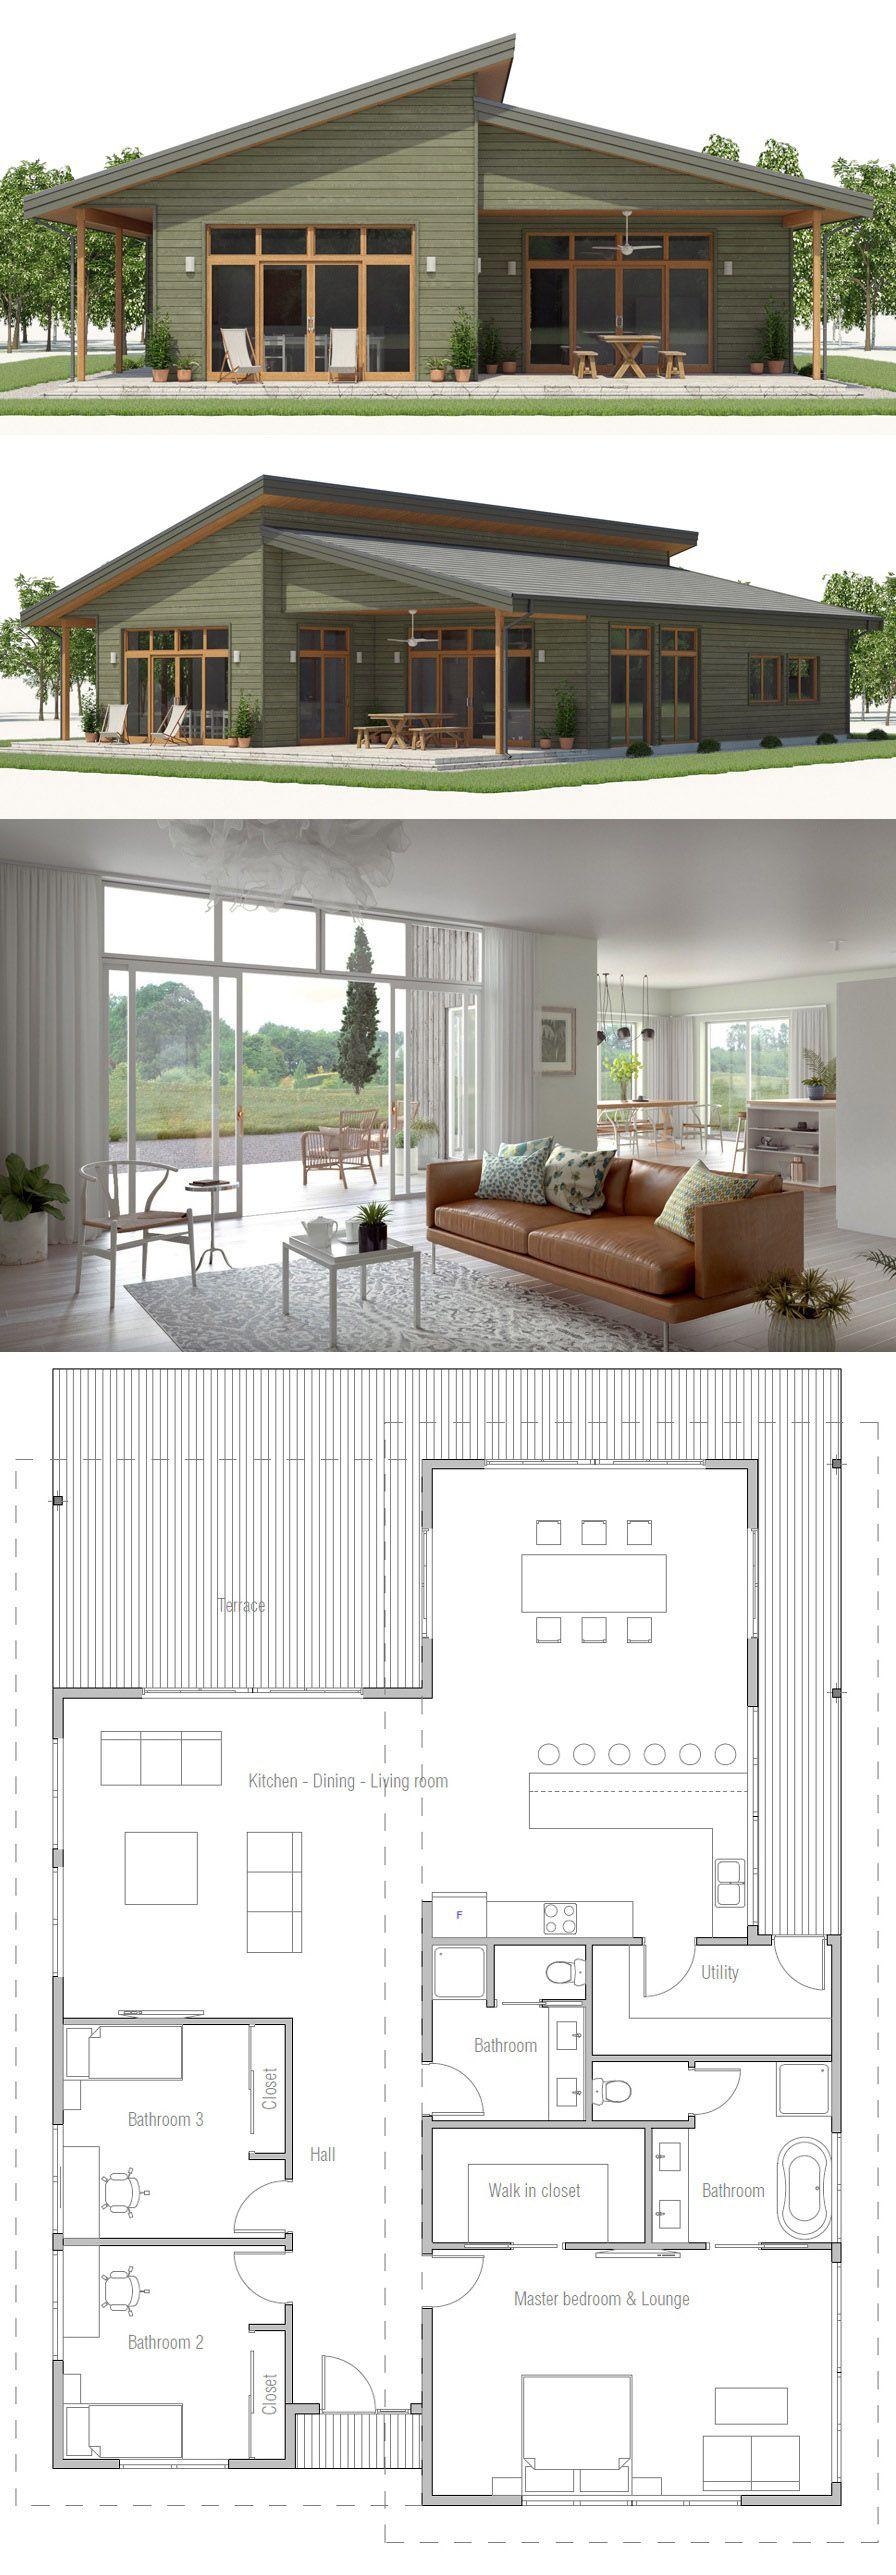 House plan modern architecture interiordesign homeplans floorplans archdaily also rh pinterest